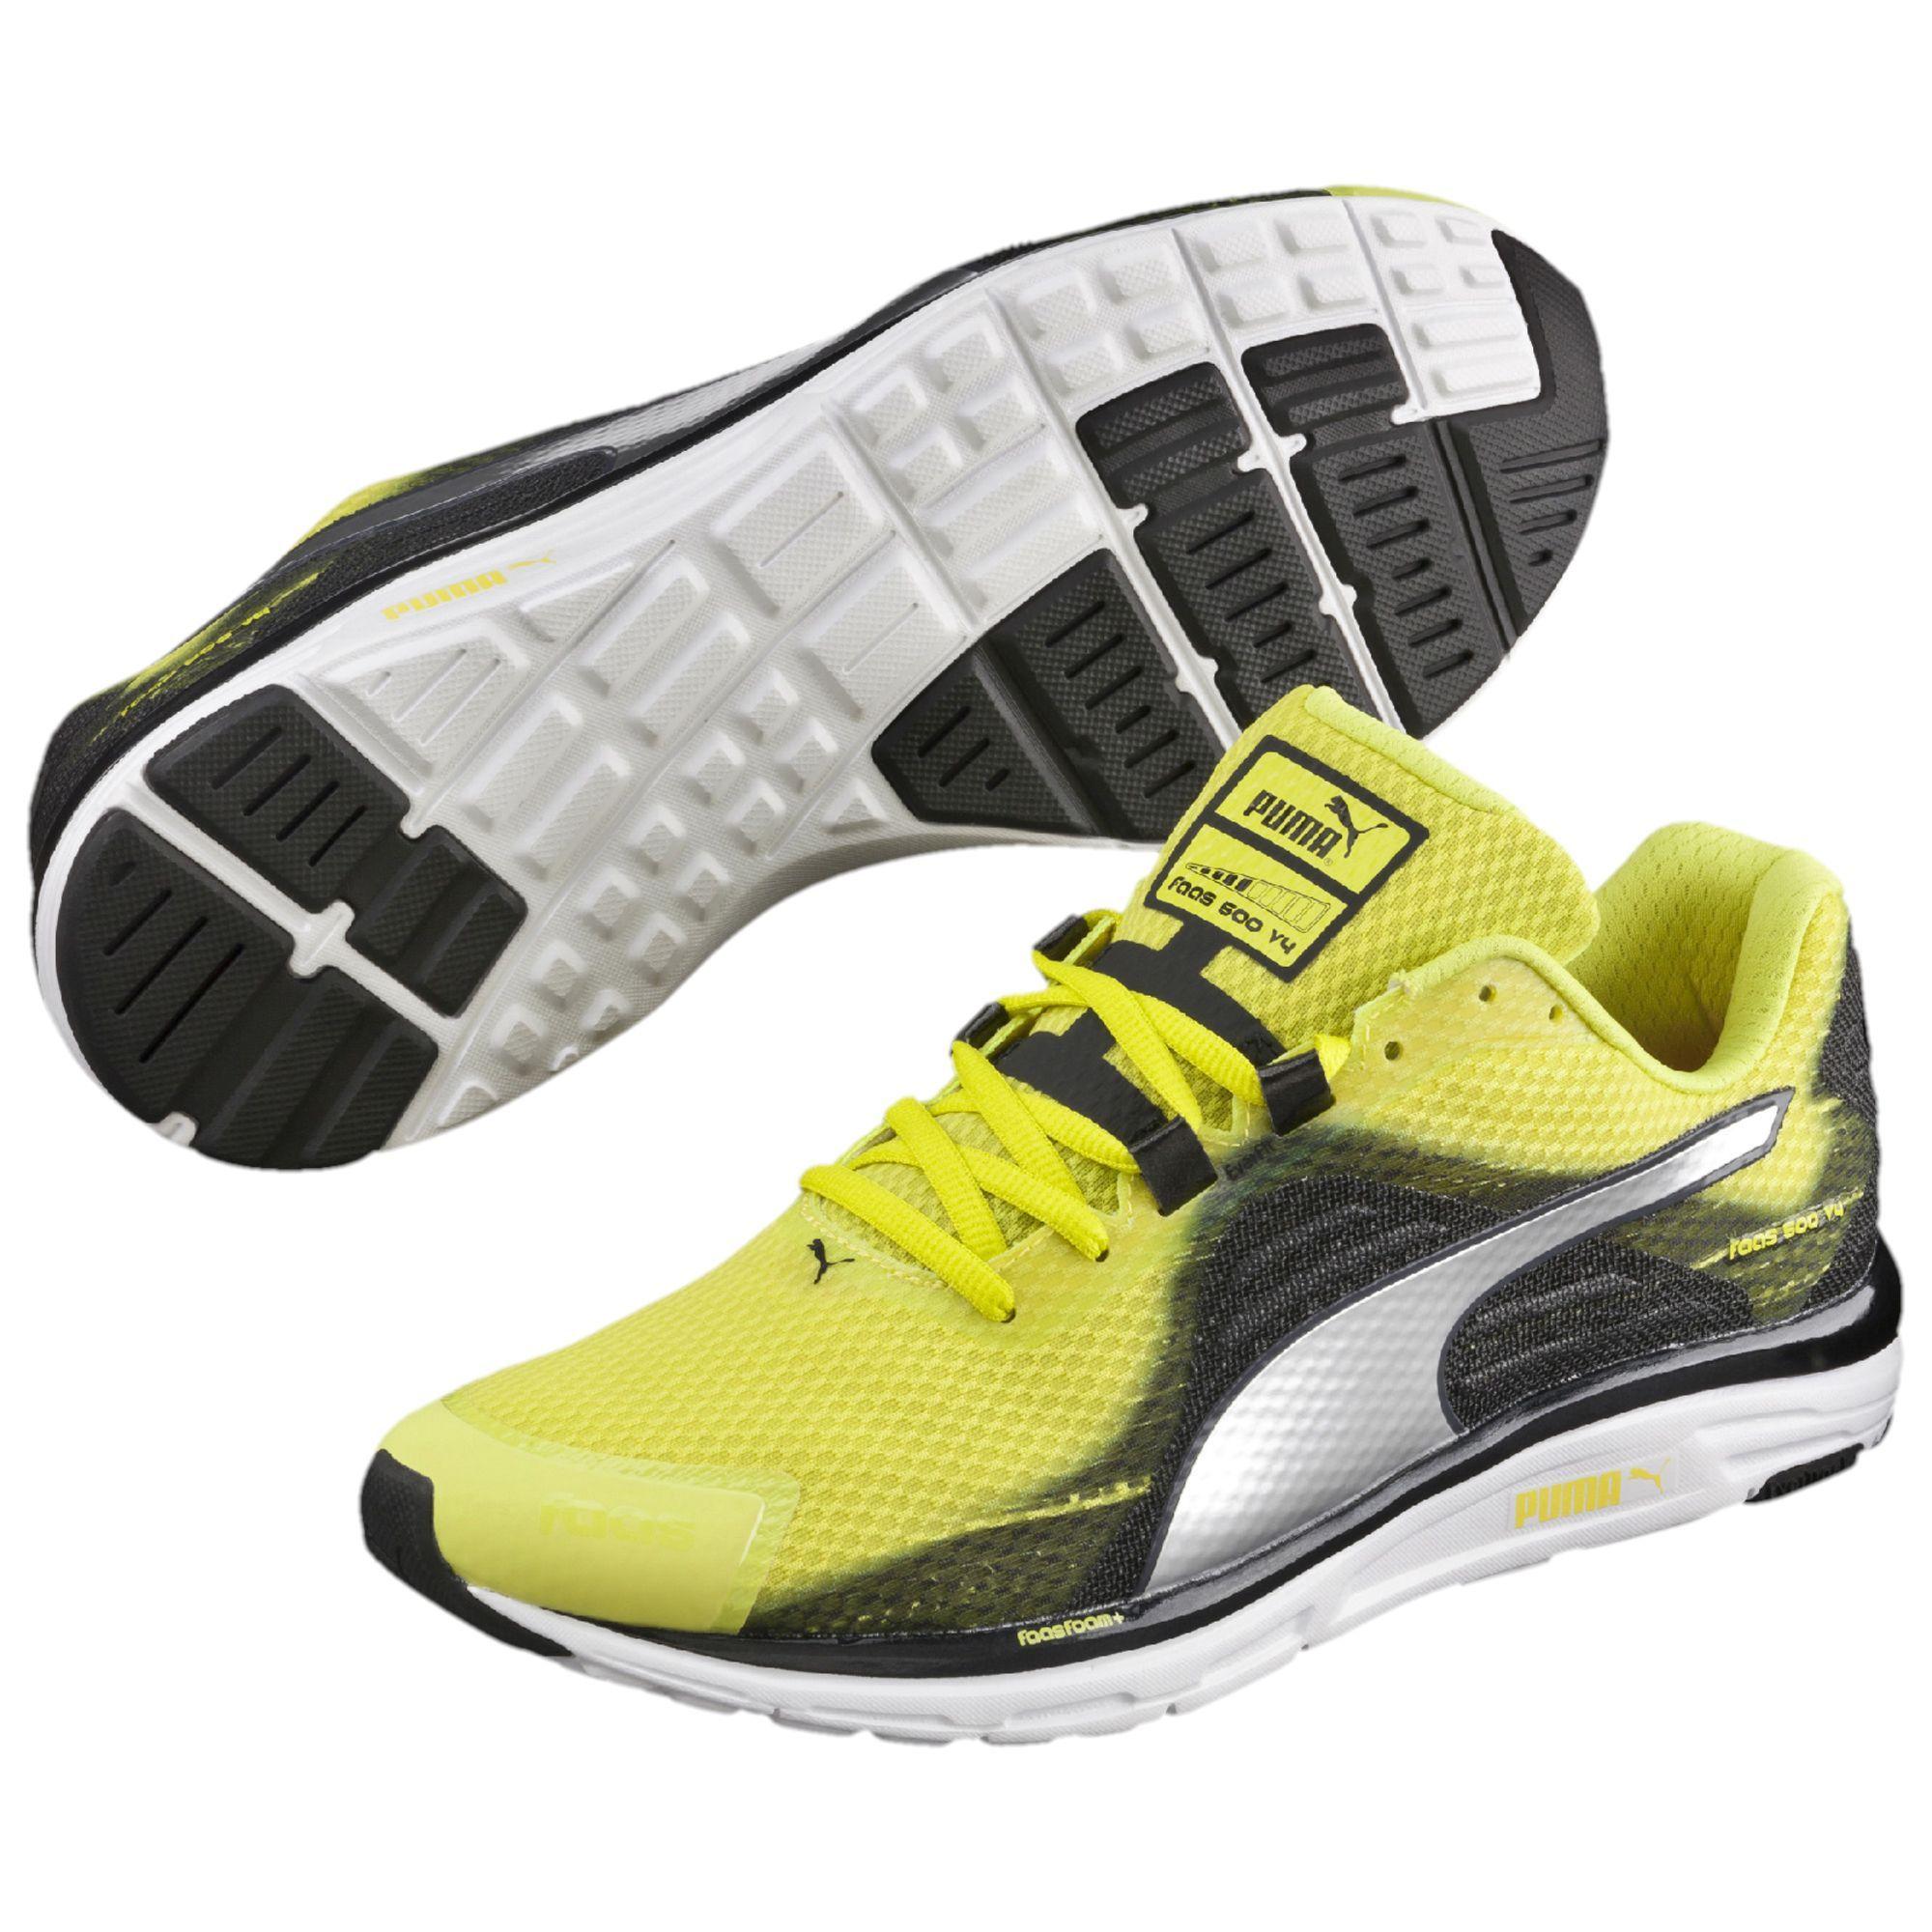 Puma Faas 500 V4 Mens Running Shoes - Sweatband.com